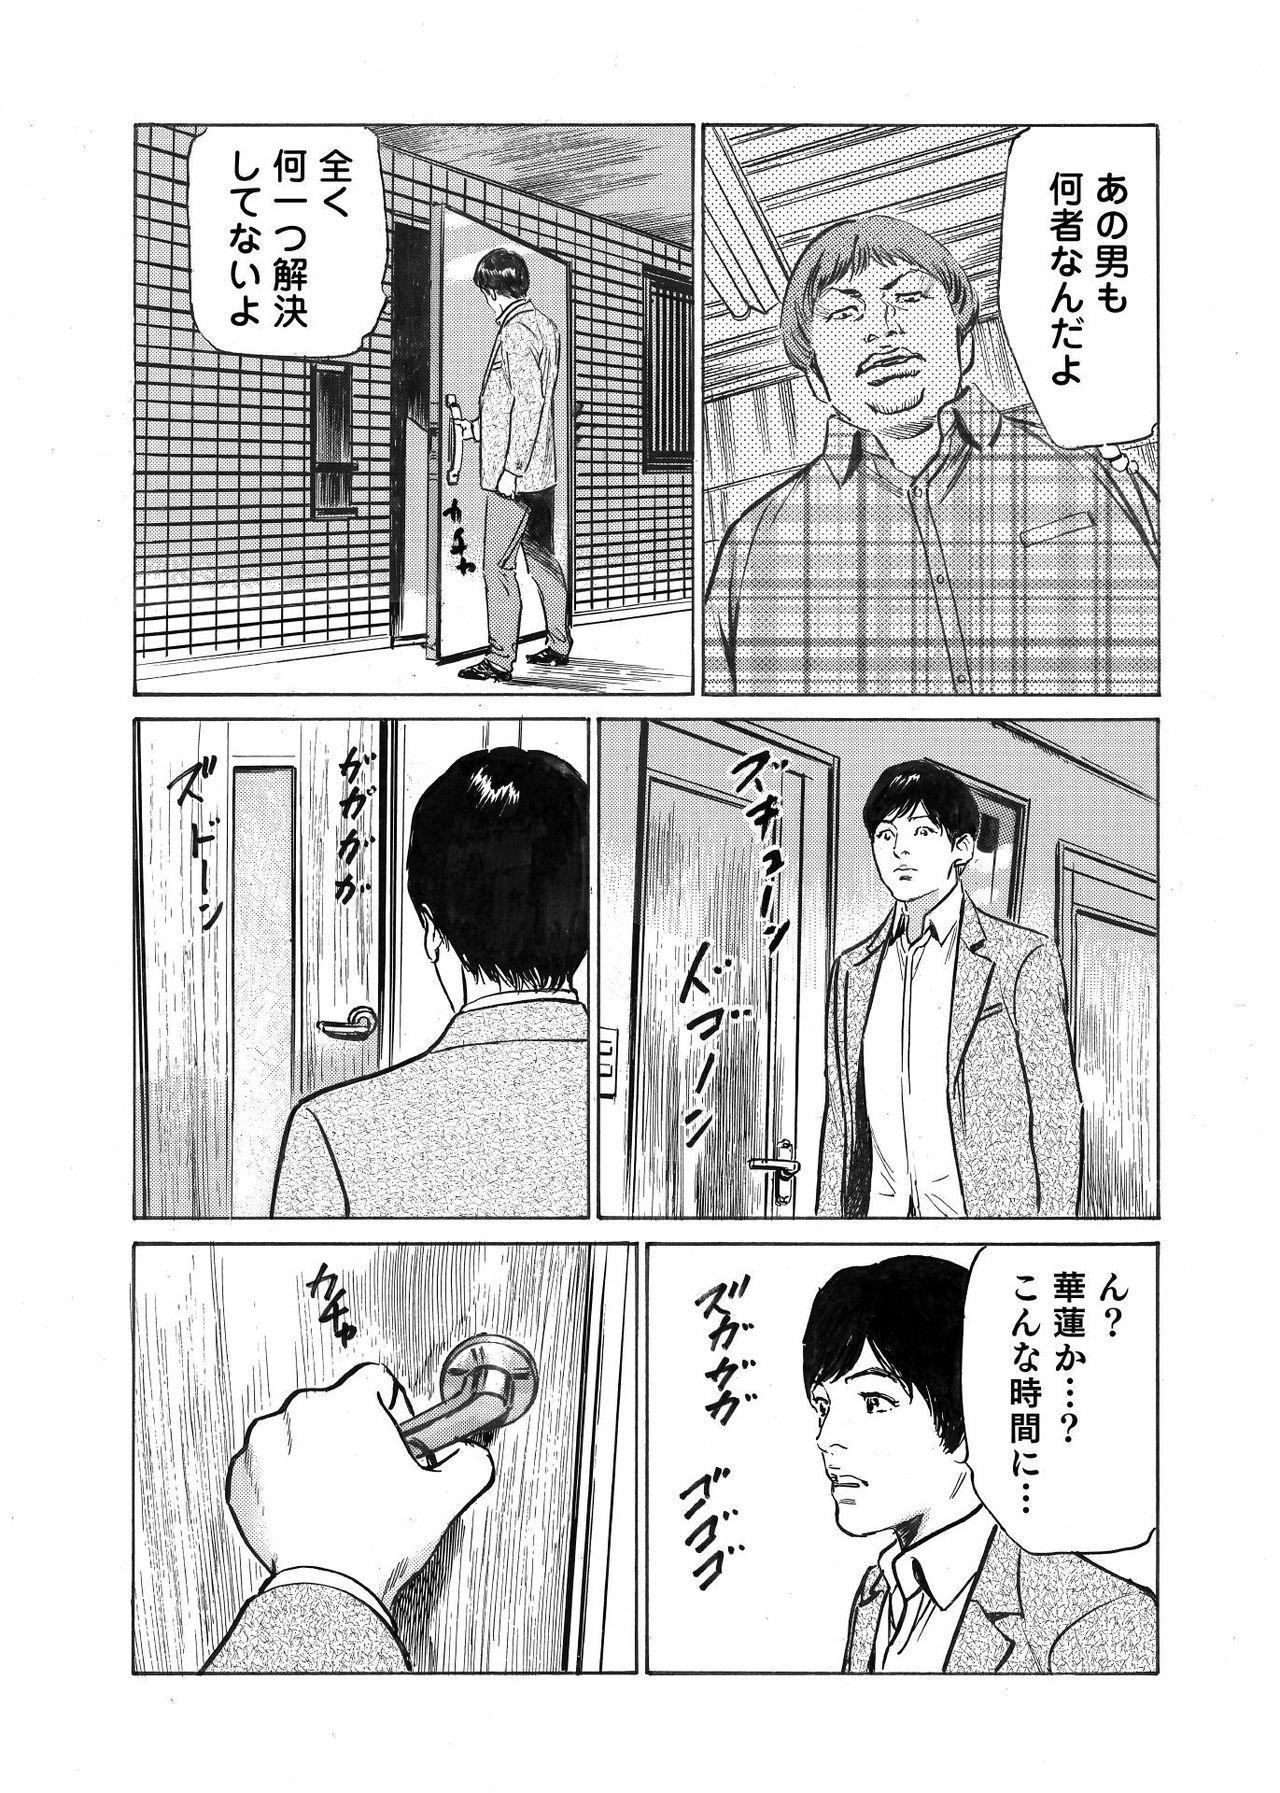 Ore wa Tsuma no Koto o Yoku Shiranai 1-9 70